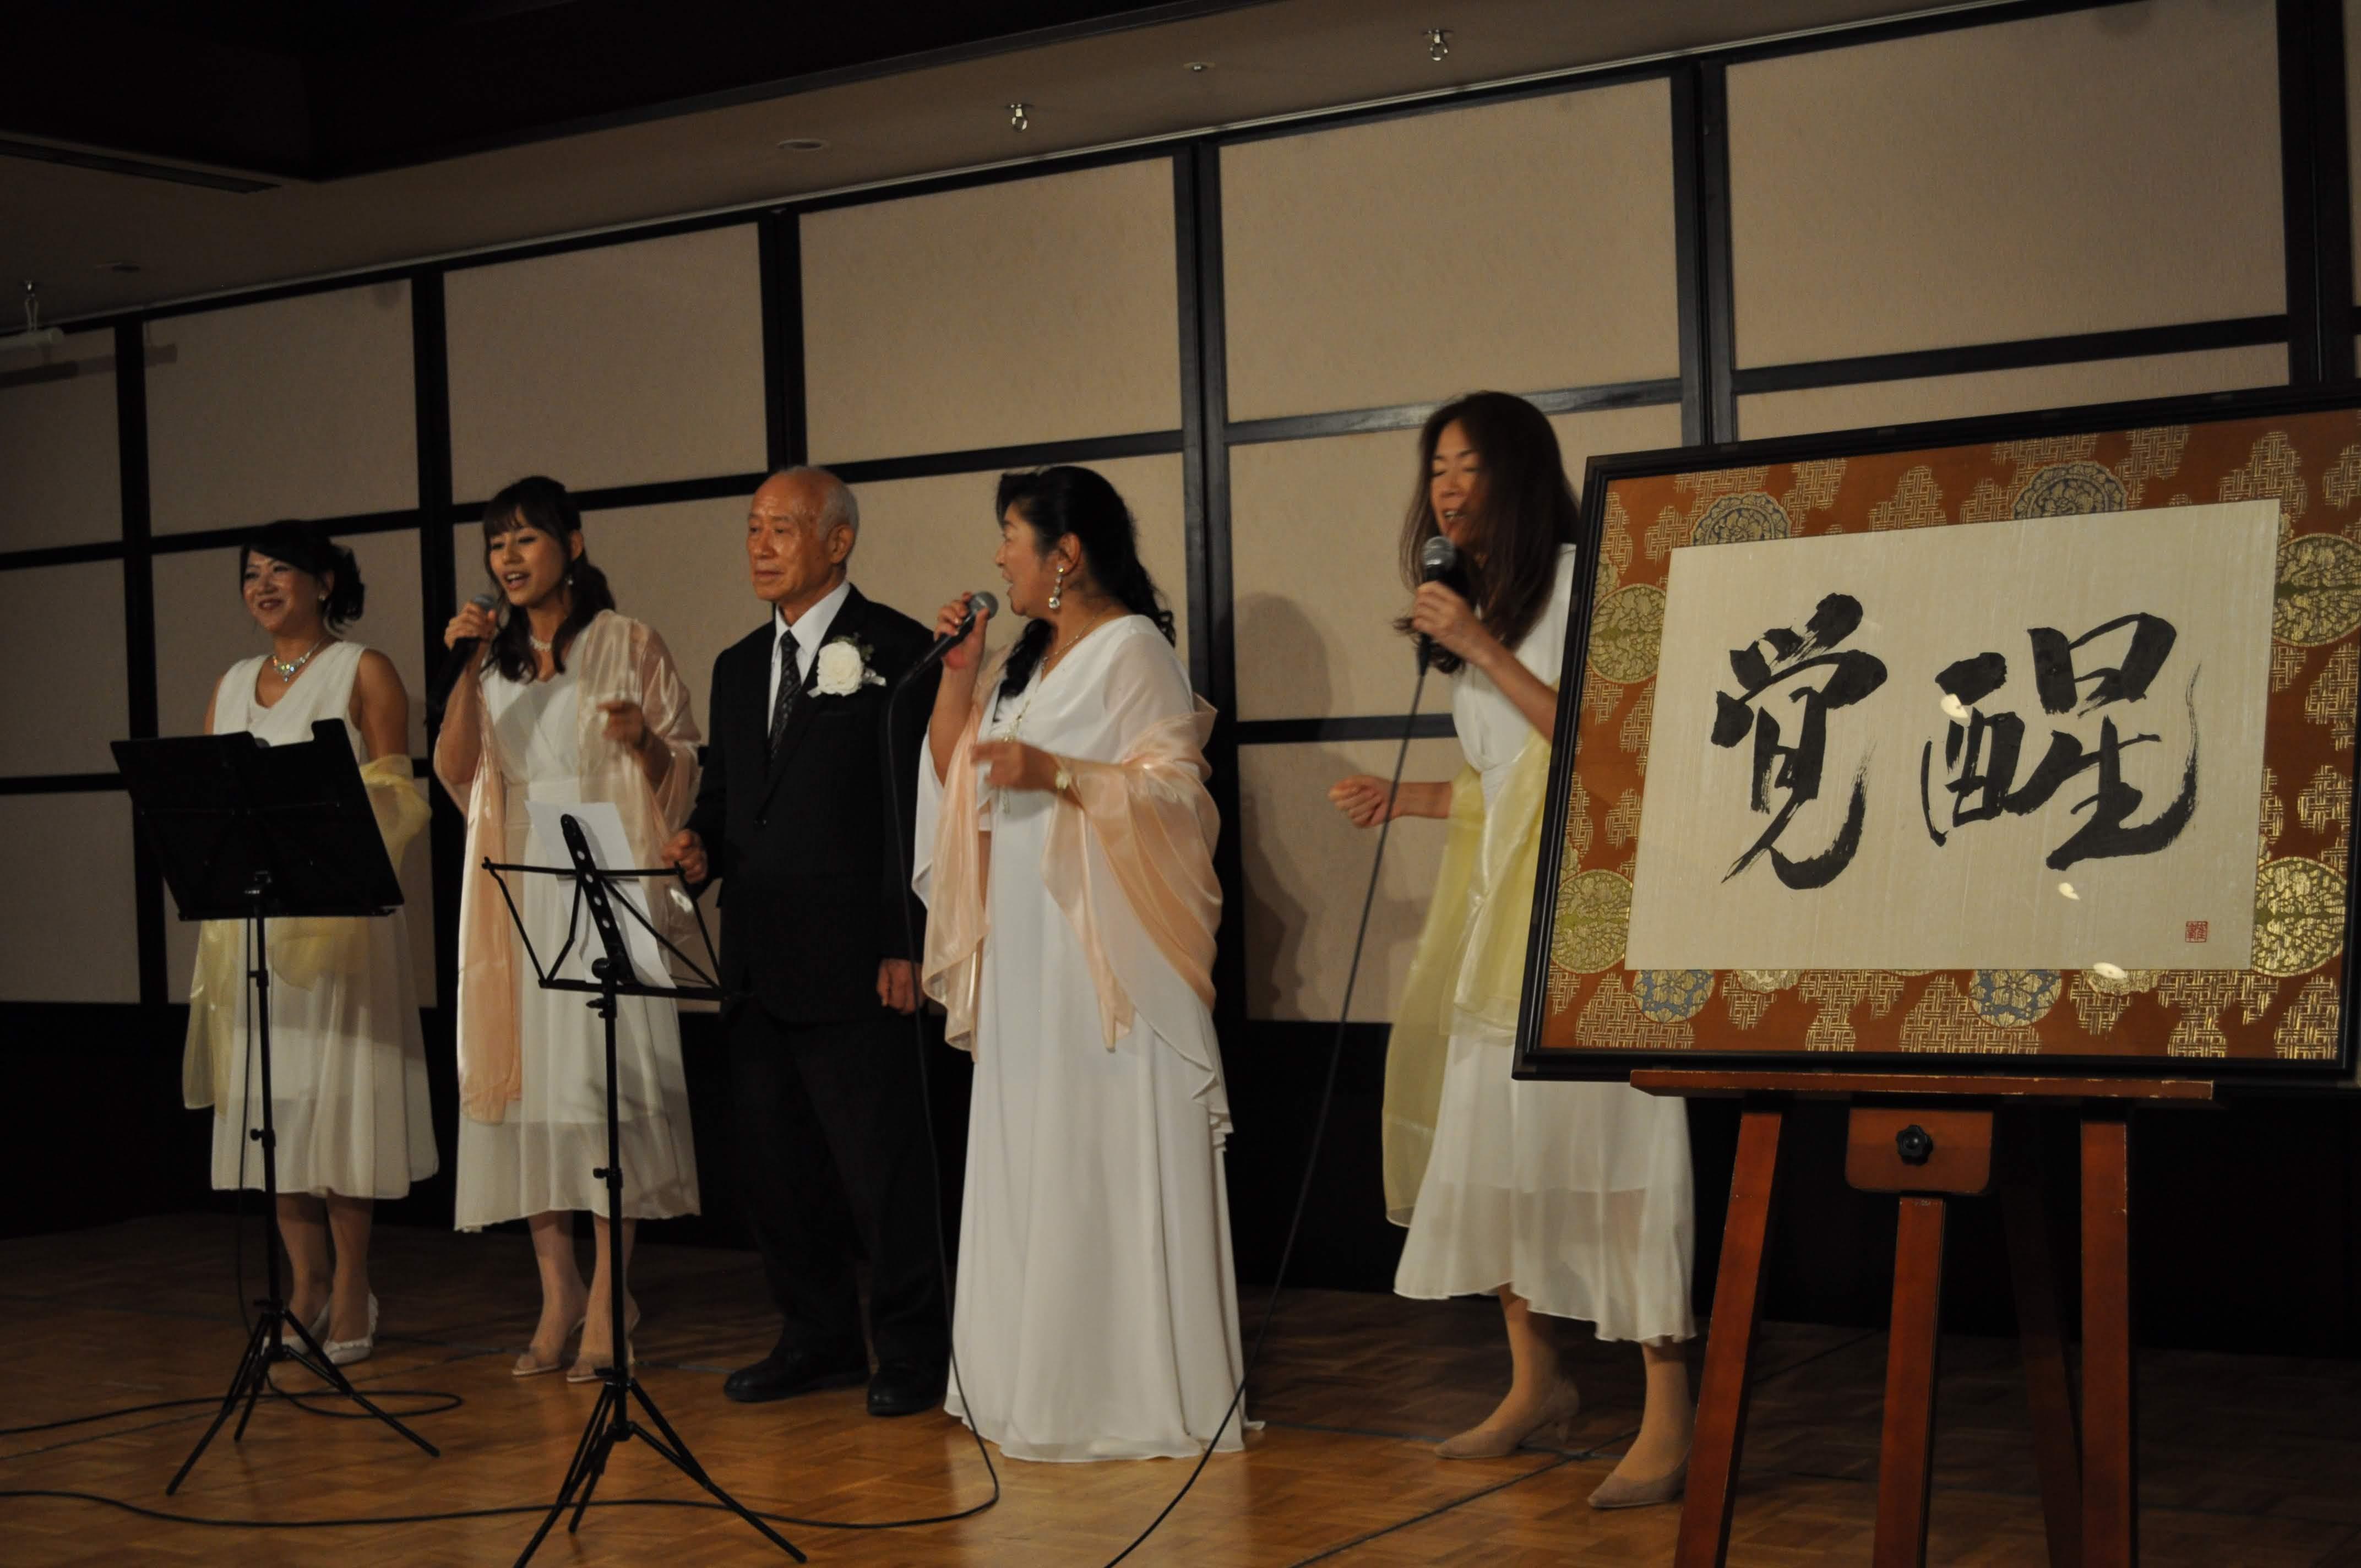 DSC 0525 1 - 思風会全国大会in広島